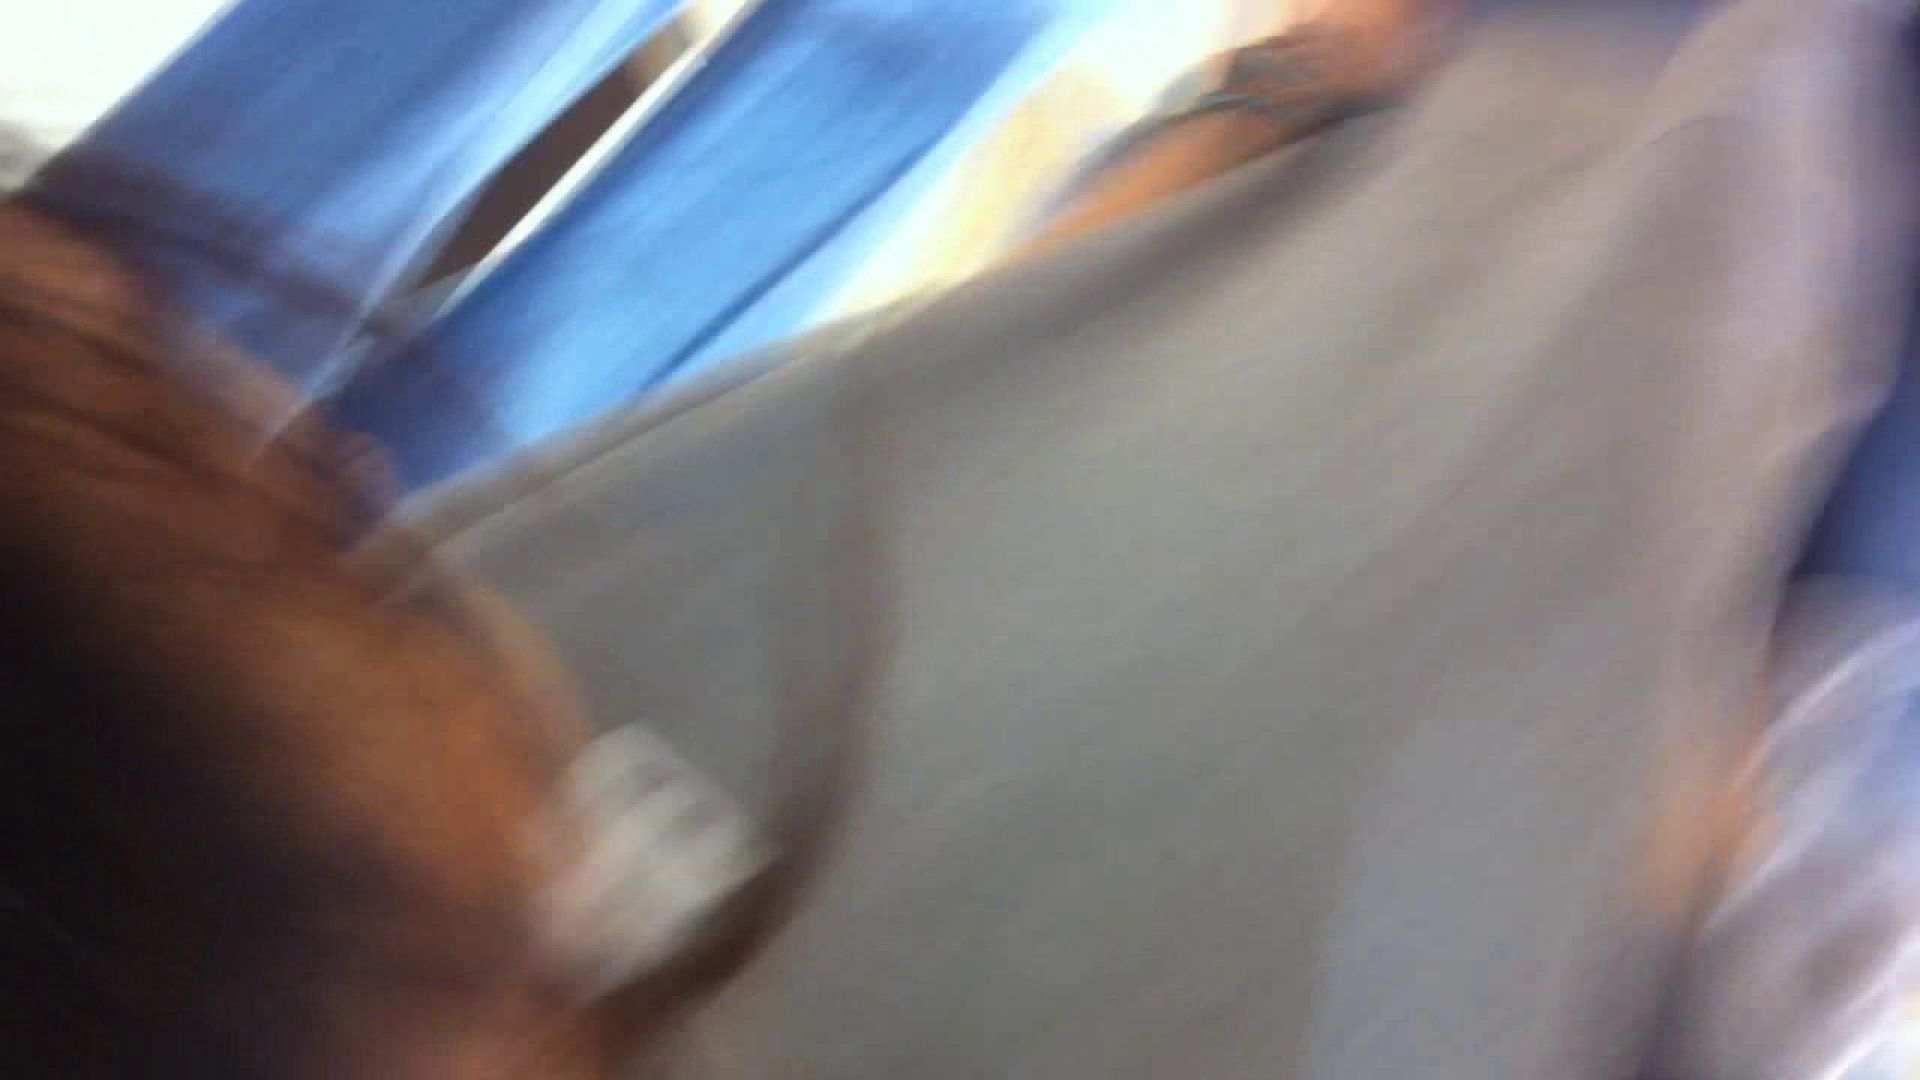 フルHD ショップ店員千人斬り! 大画面ノーカット完全版 vol.15 OLエロ画像 盗み撮りAV無料動画キャプチャ 73PICs 20